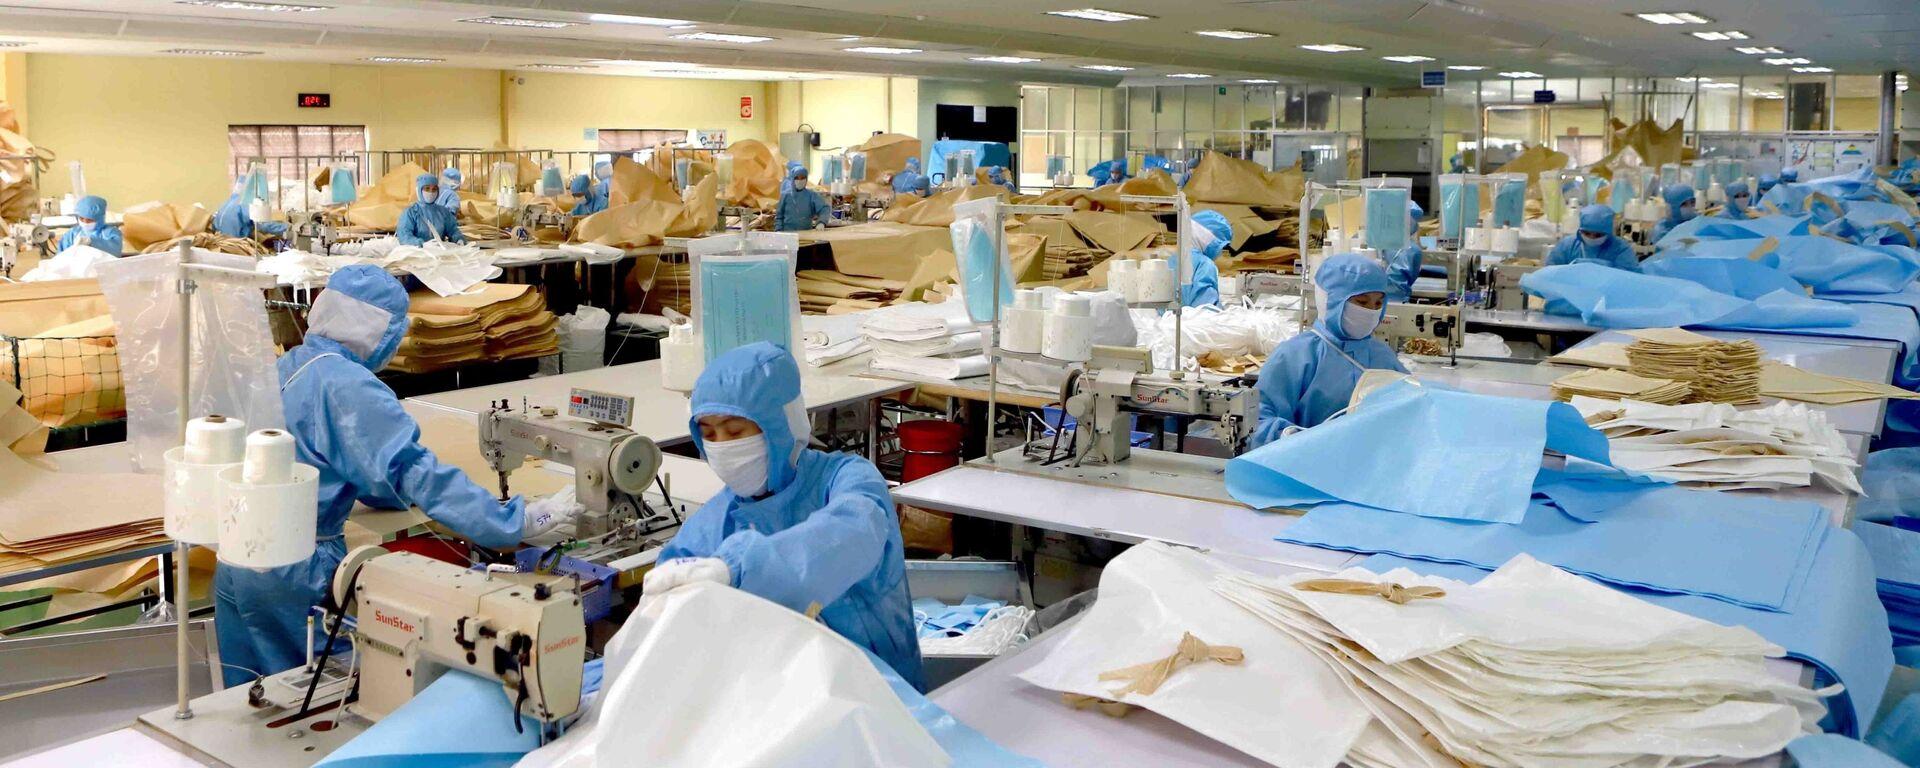 Dây chuyền sản xuất bao, túi đựng chuyên dụng của Công ty Kohsei Multipack Việt Nam tại Khu công nghiệp Bình Xuyên, Vĩnh Phúc. - Sputnik Việt Nam, 1920, 15.09.2020